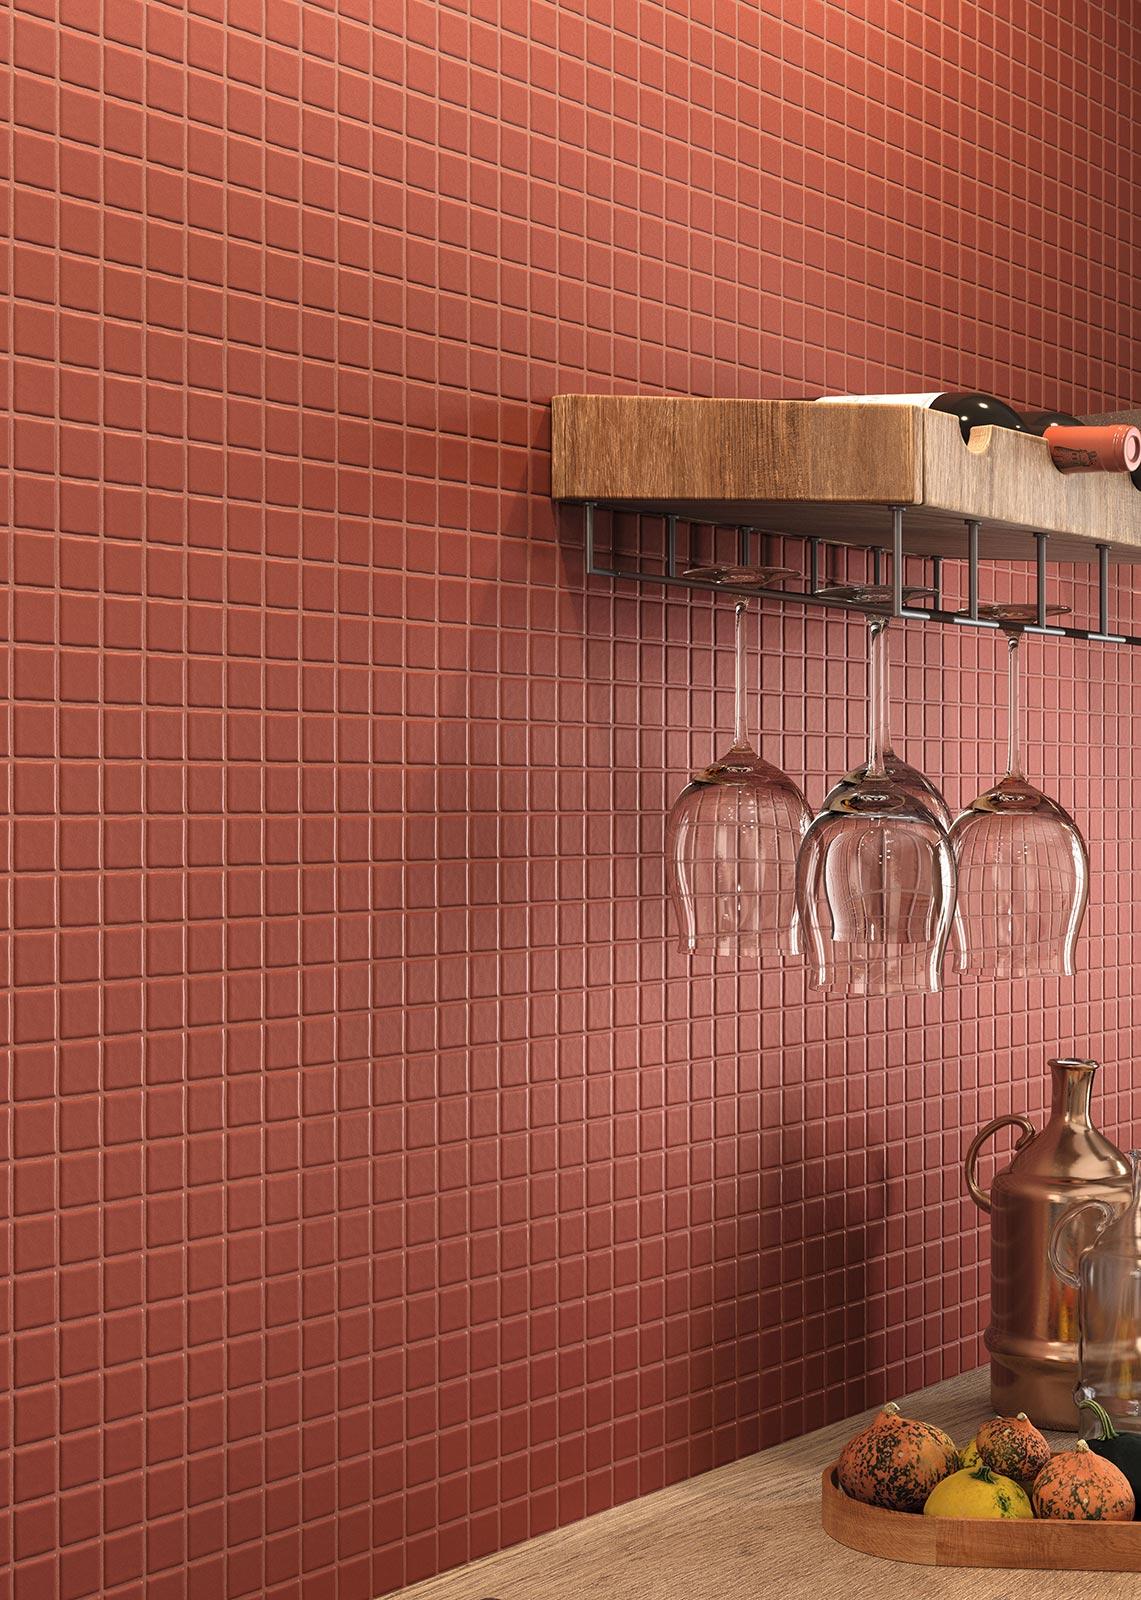 Wandfliesen: Küche, Bad, Dusche - Marazzi 7452